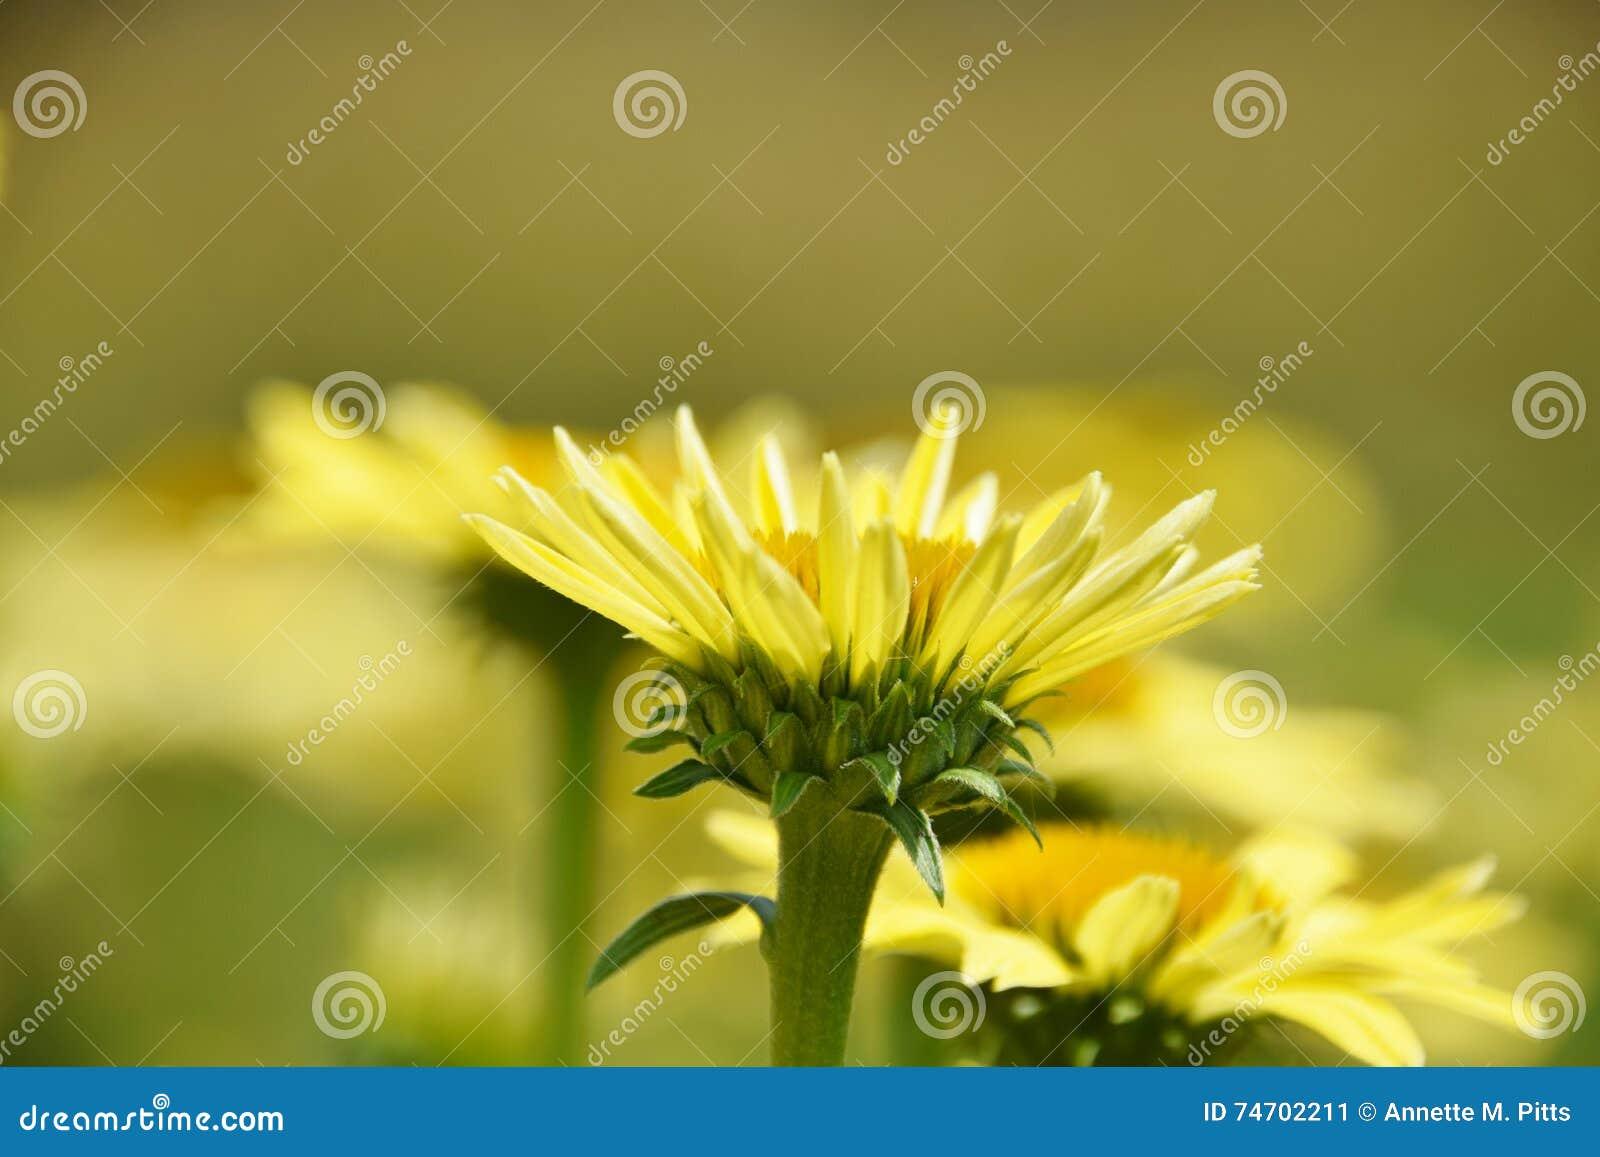 Żółta kwitnąca stokrotka